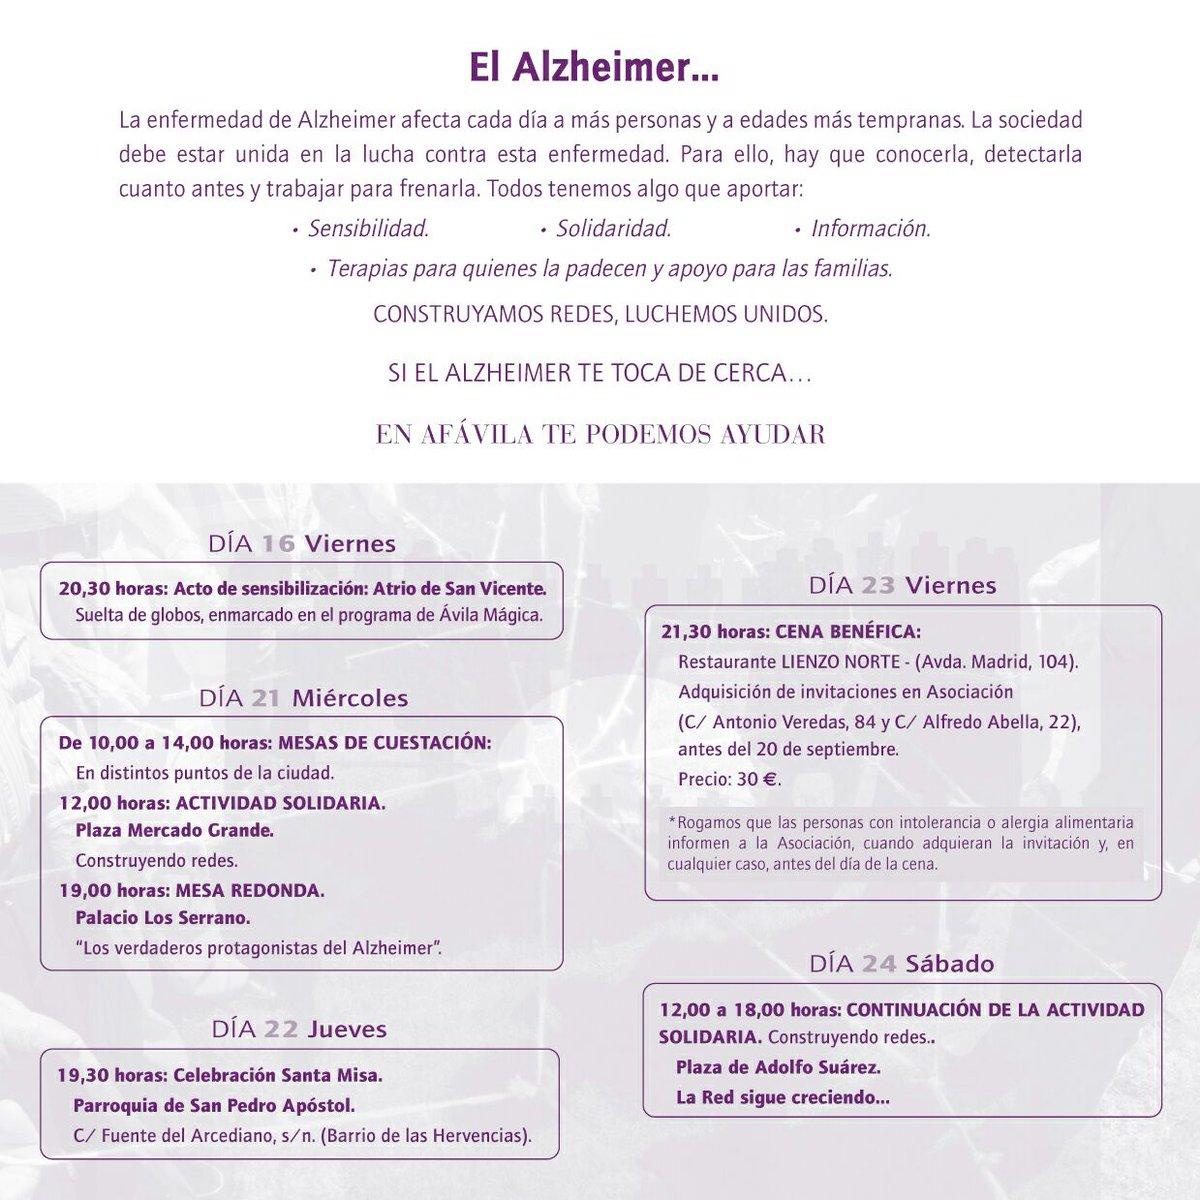 #DiaMundialDelAlzheimer: Dia Mundial Del Alzheimer